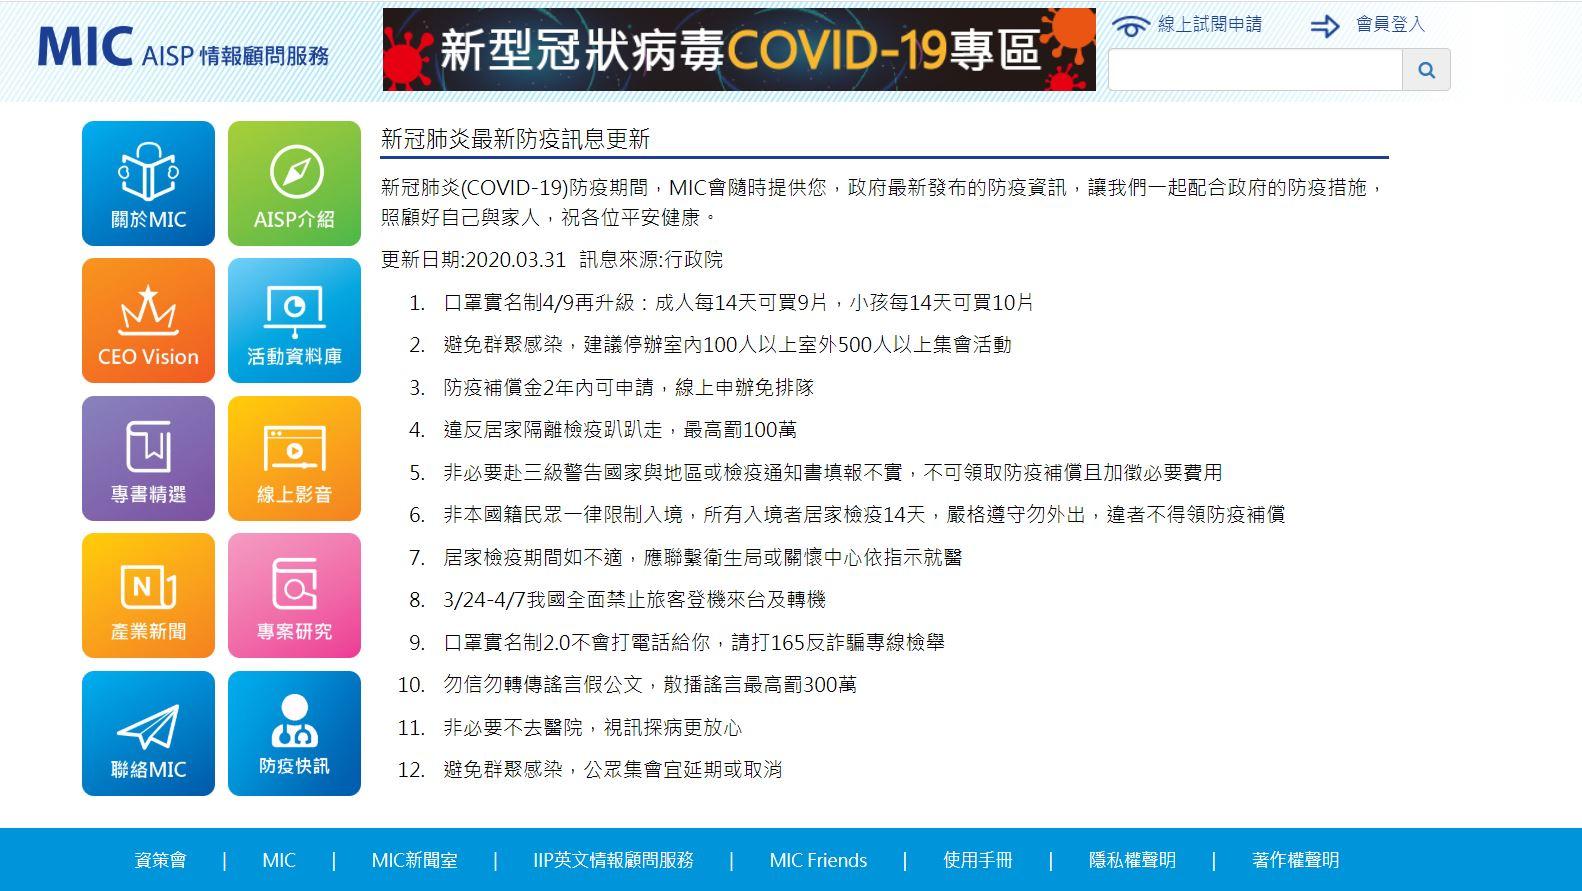 【轉載】資策會MIC (產業情報研究所)開放『新型冠狀病毒 COVID-19 專區』情報資料庫